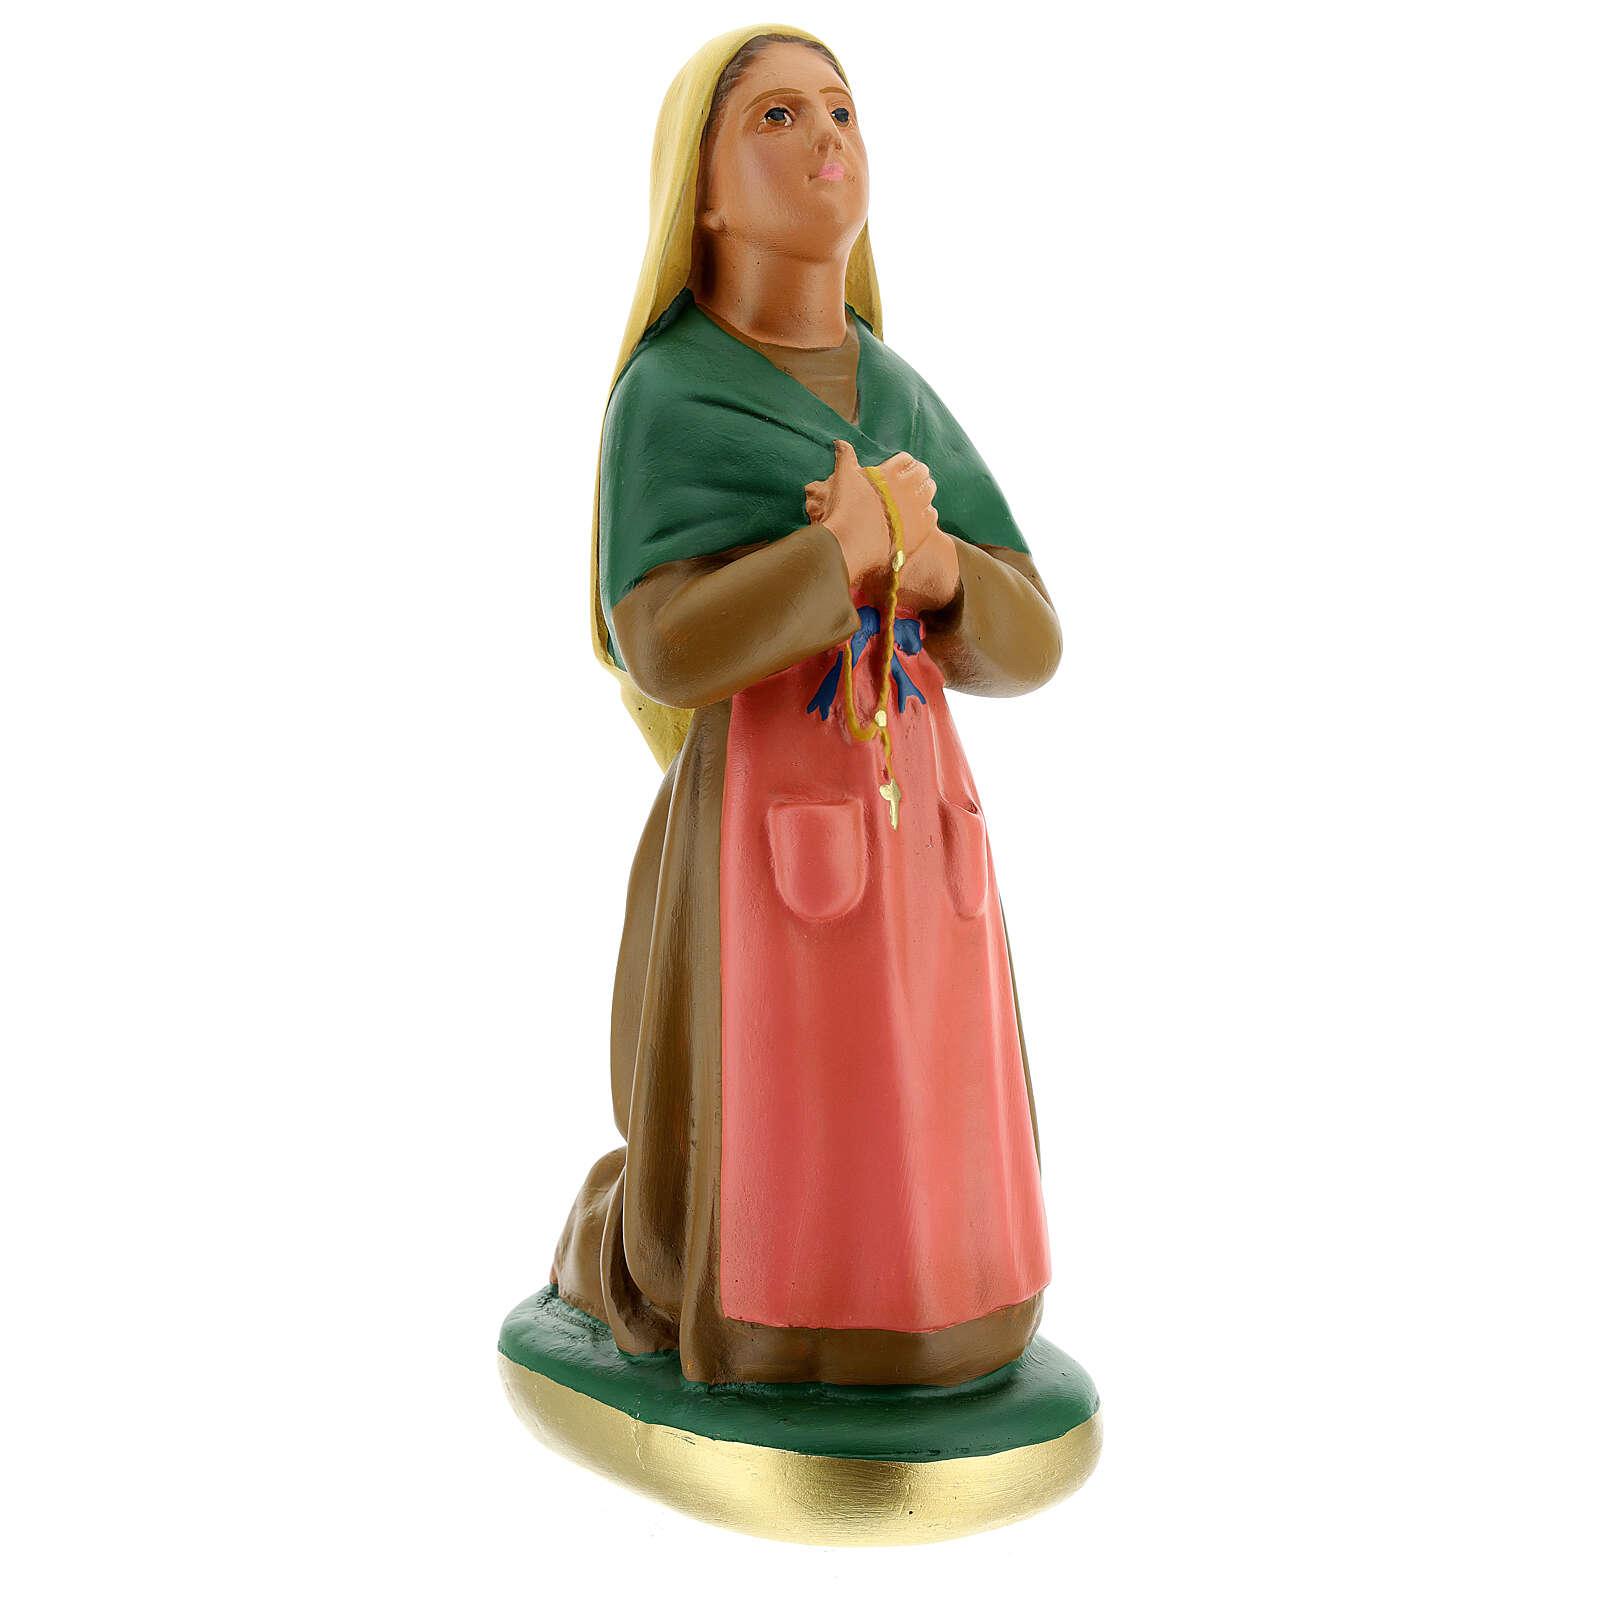 Plaster statue Saint Bernadette 16 in hand-painted Arte Barsanti 4